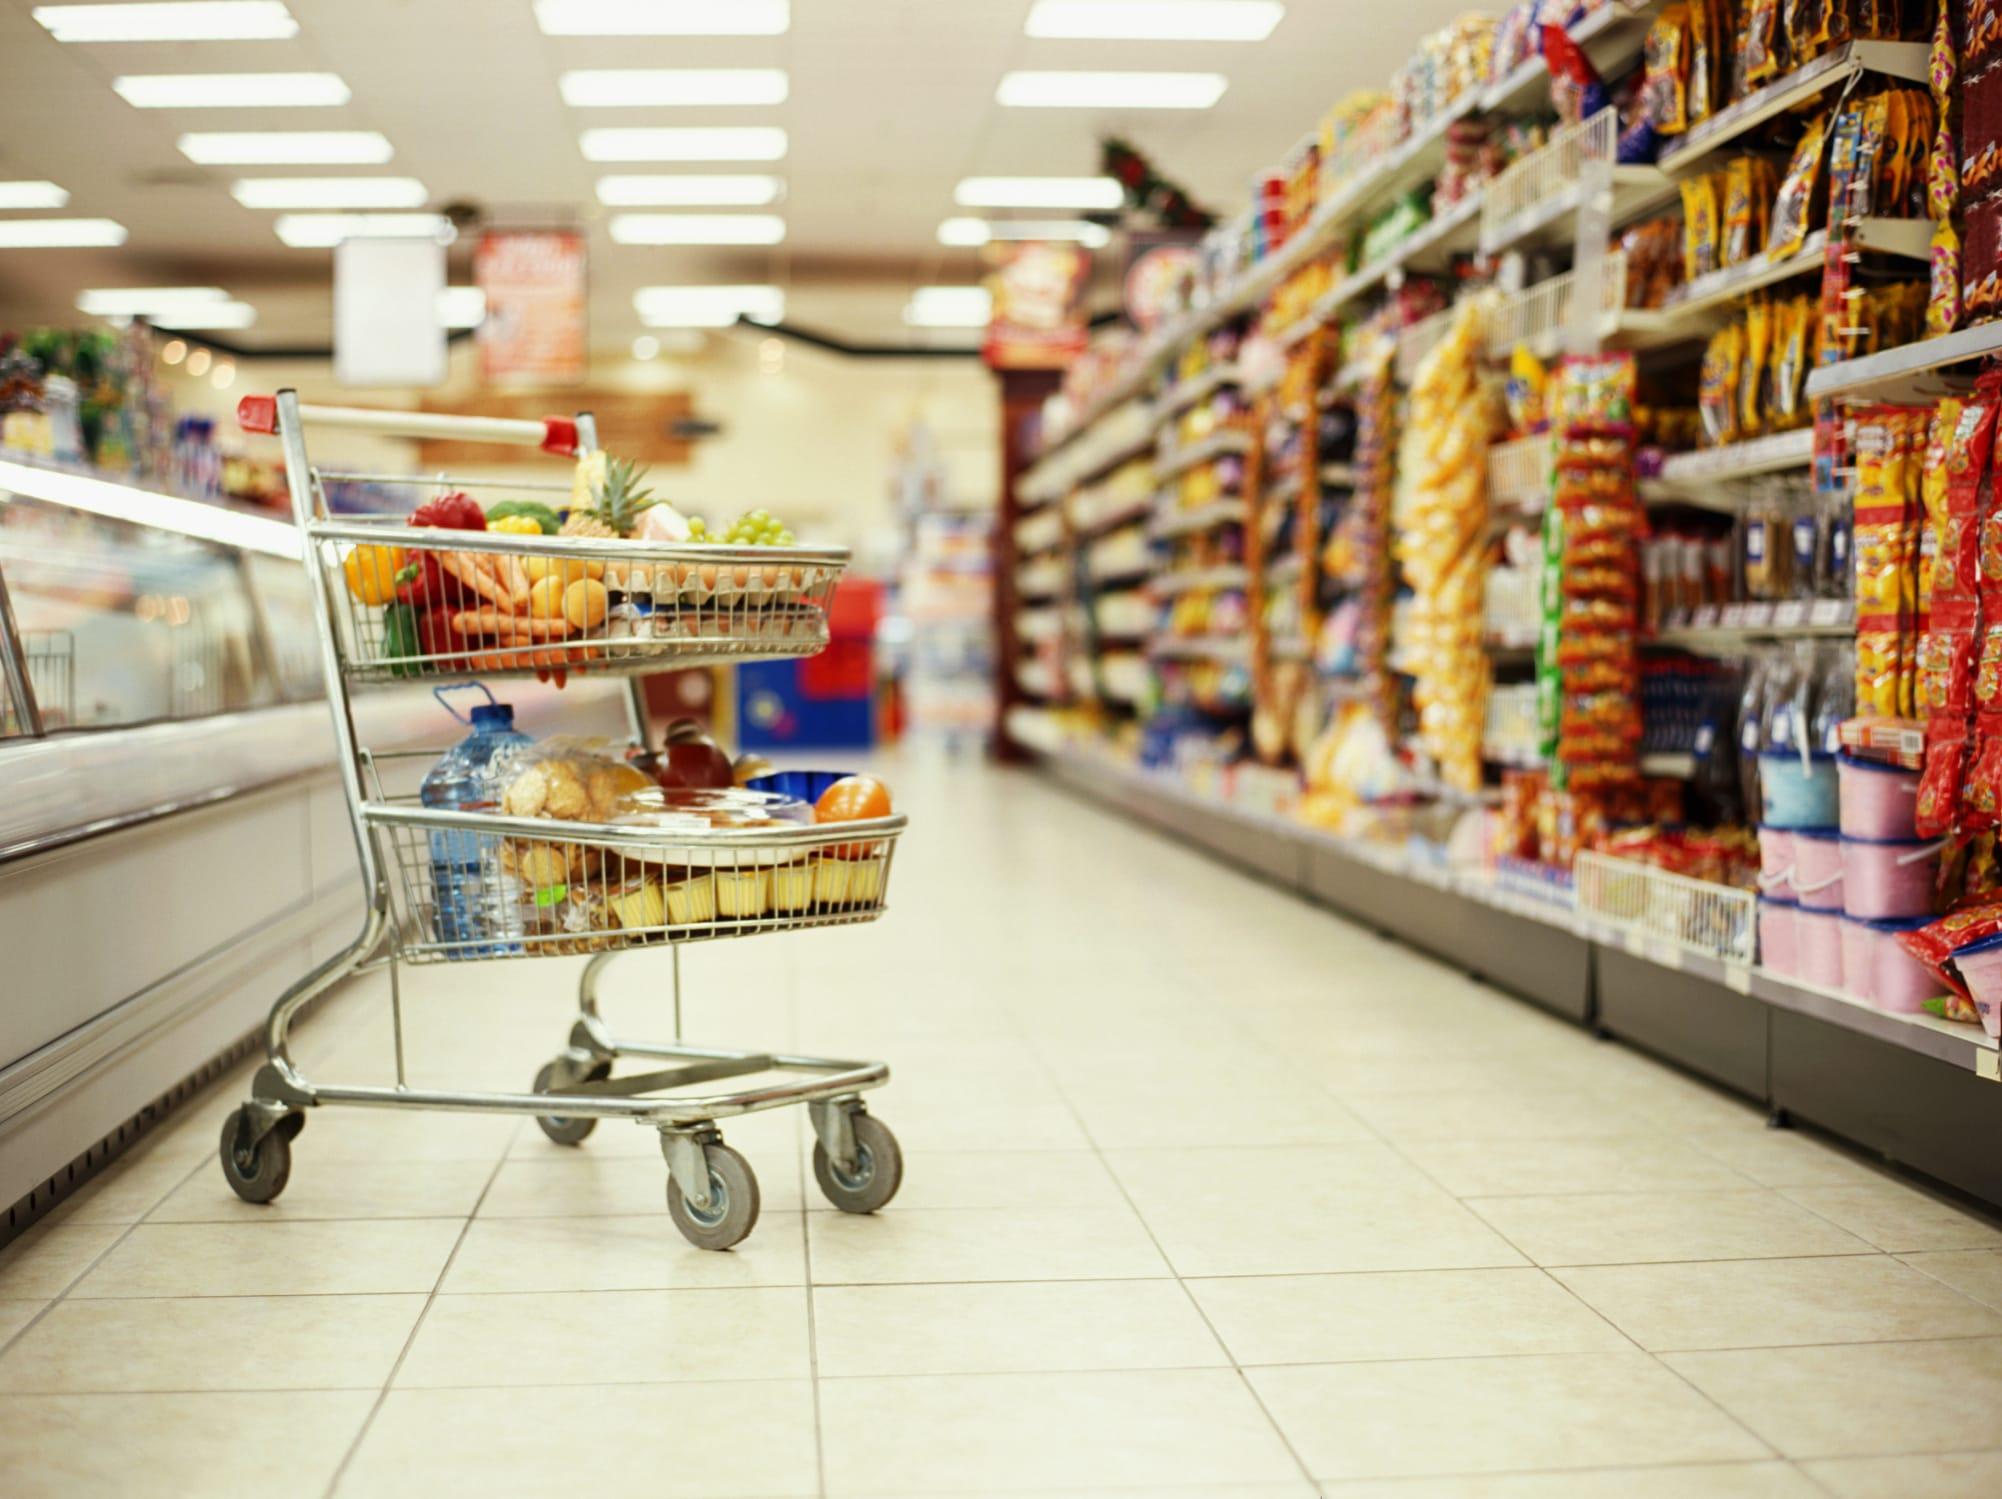 Etichette alimenti: ecco come decifrarle e non farsi ingannare